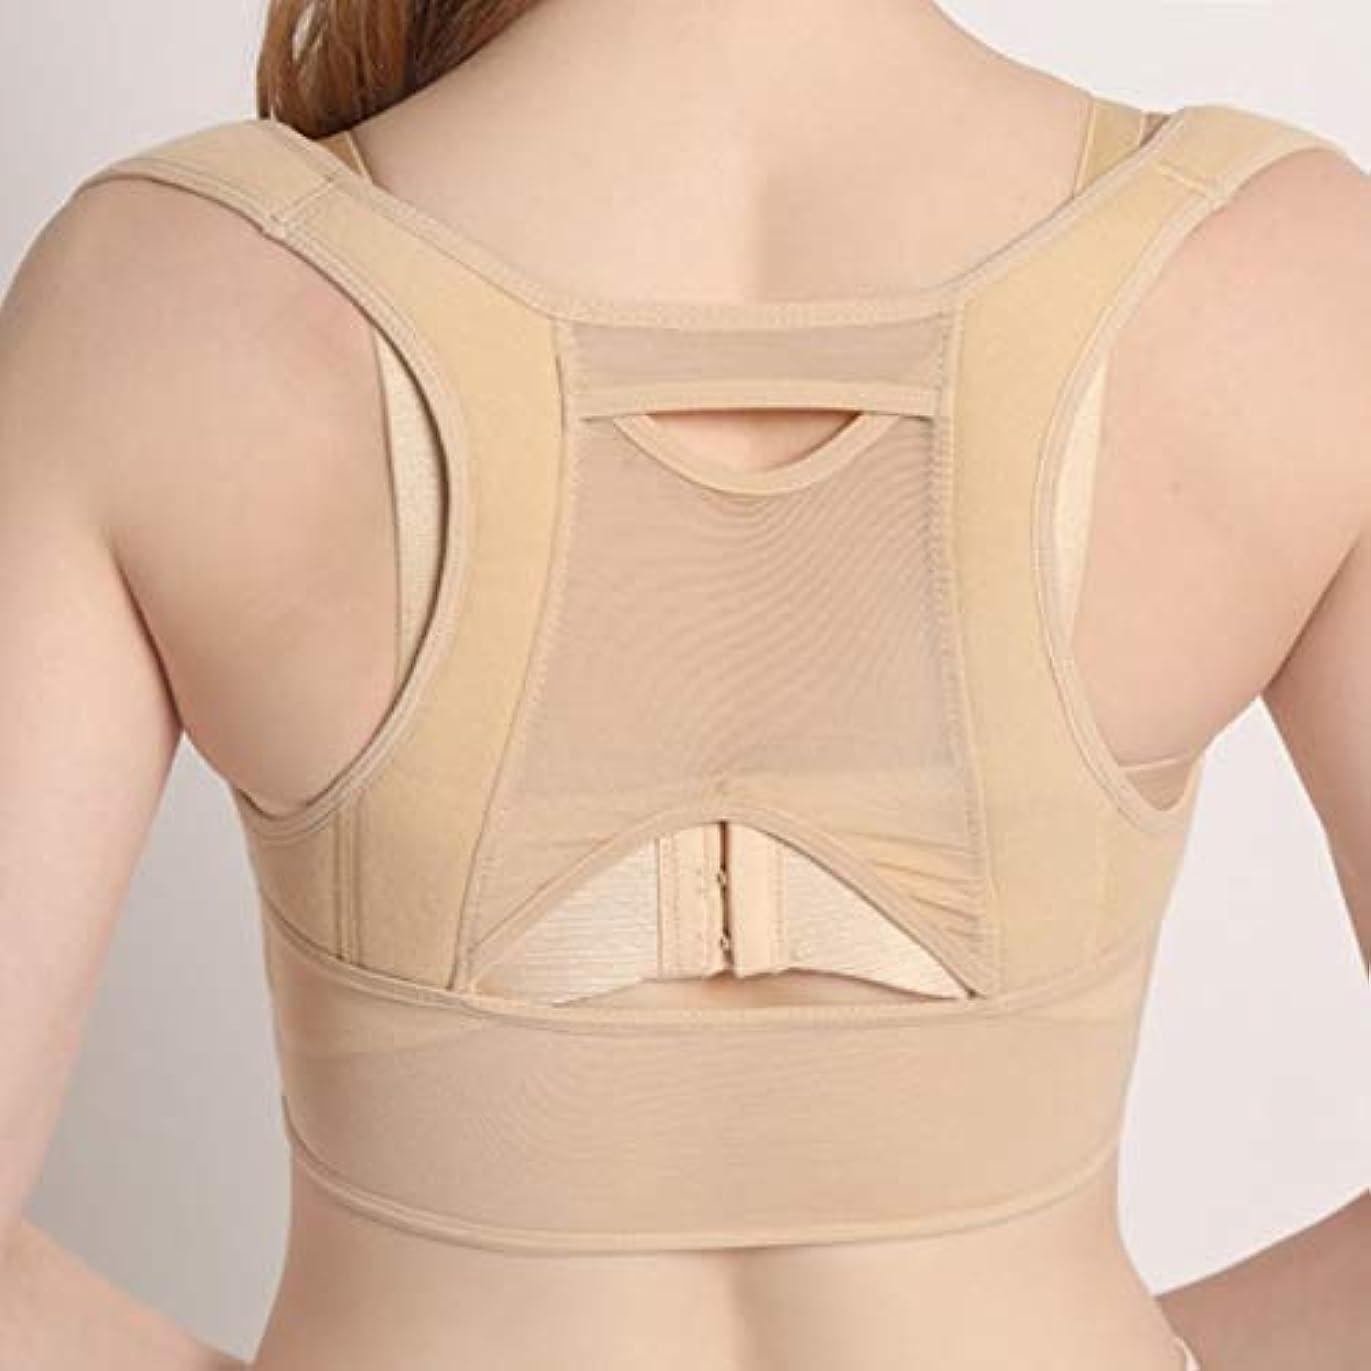 不調和しないでください遅れ通気性のある女性の背中の姿勢矯正コルセット整形外科の背中の肩の背骨の姿勢矯正腰椎サポート - ベージュホワイトL